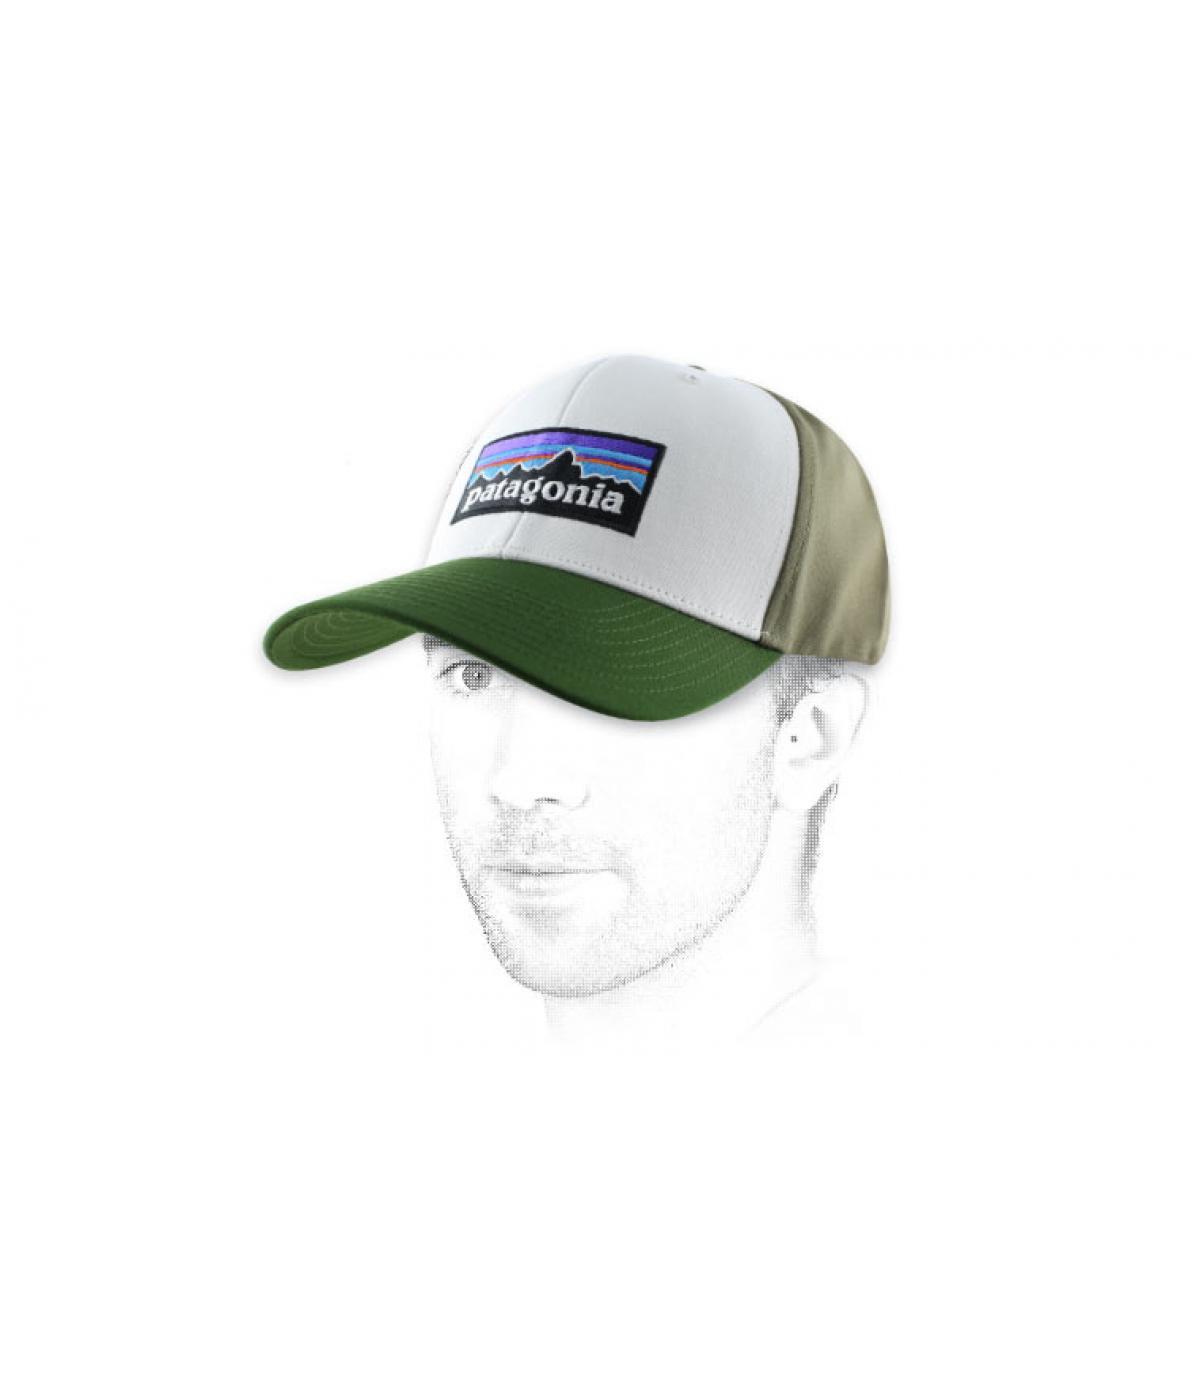 curva verde casquillo blanco Patagonia